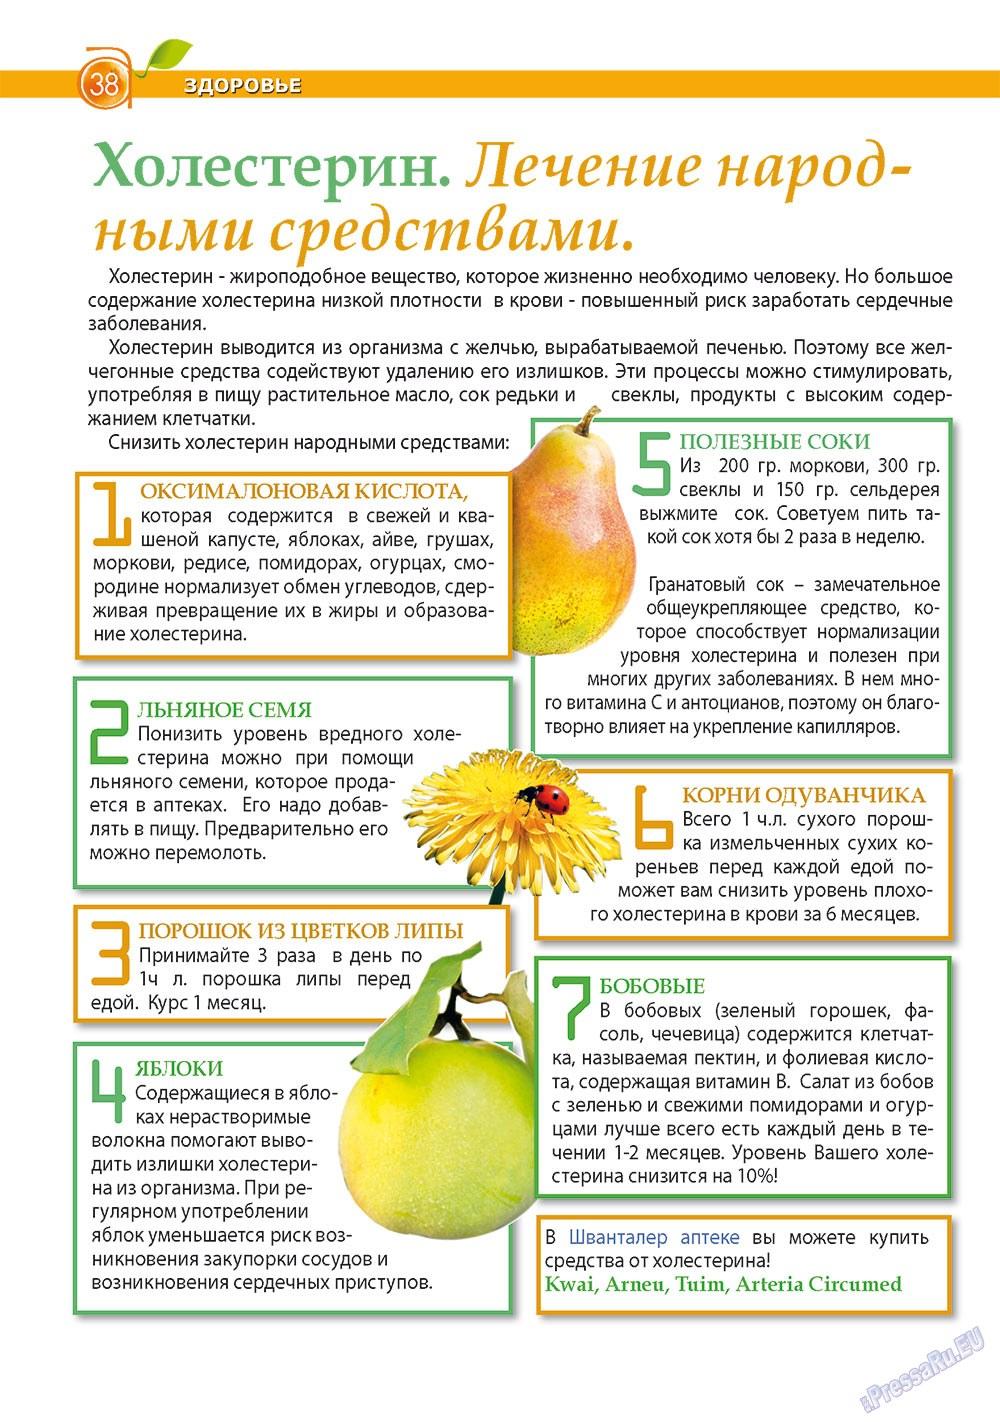 Апельсин (журнал). 2011 год, номер 28, стр. 38